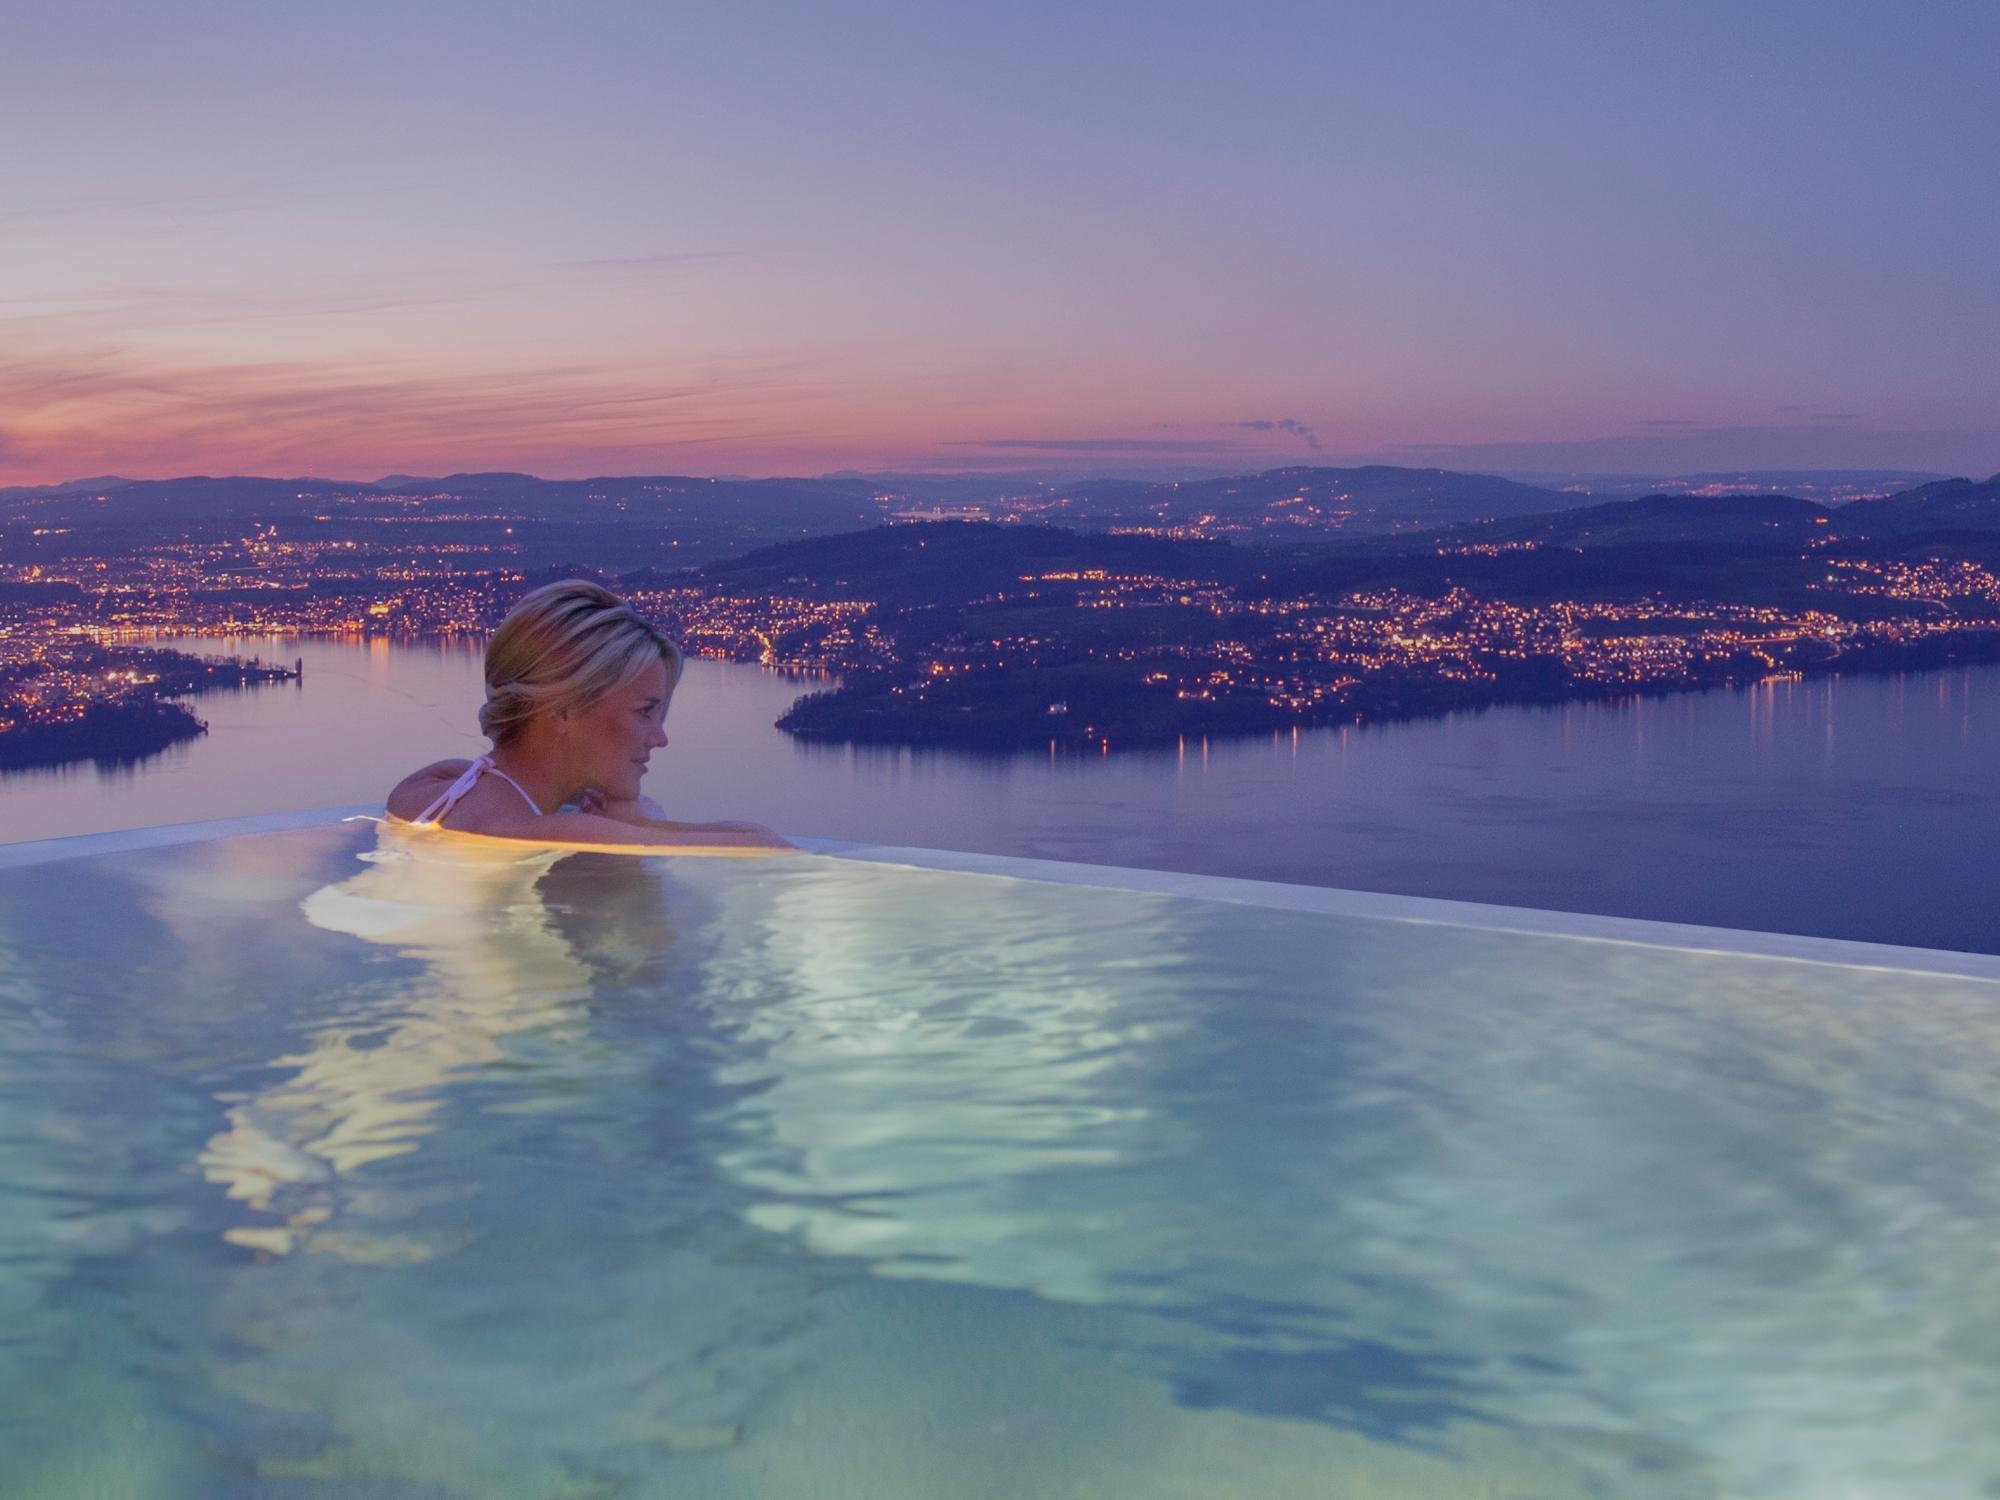 Outdoor pool of the Bürgenstock Resort